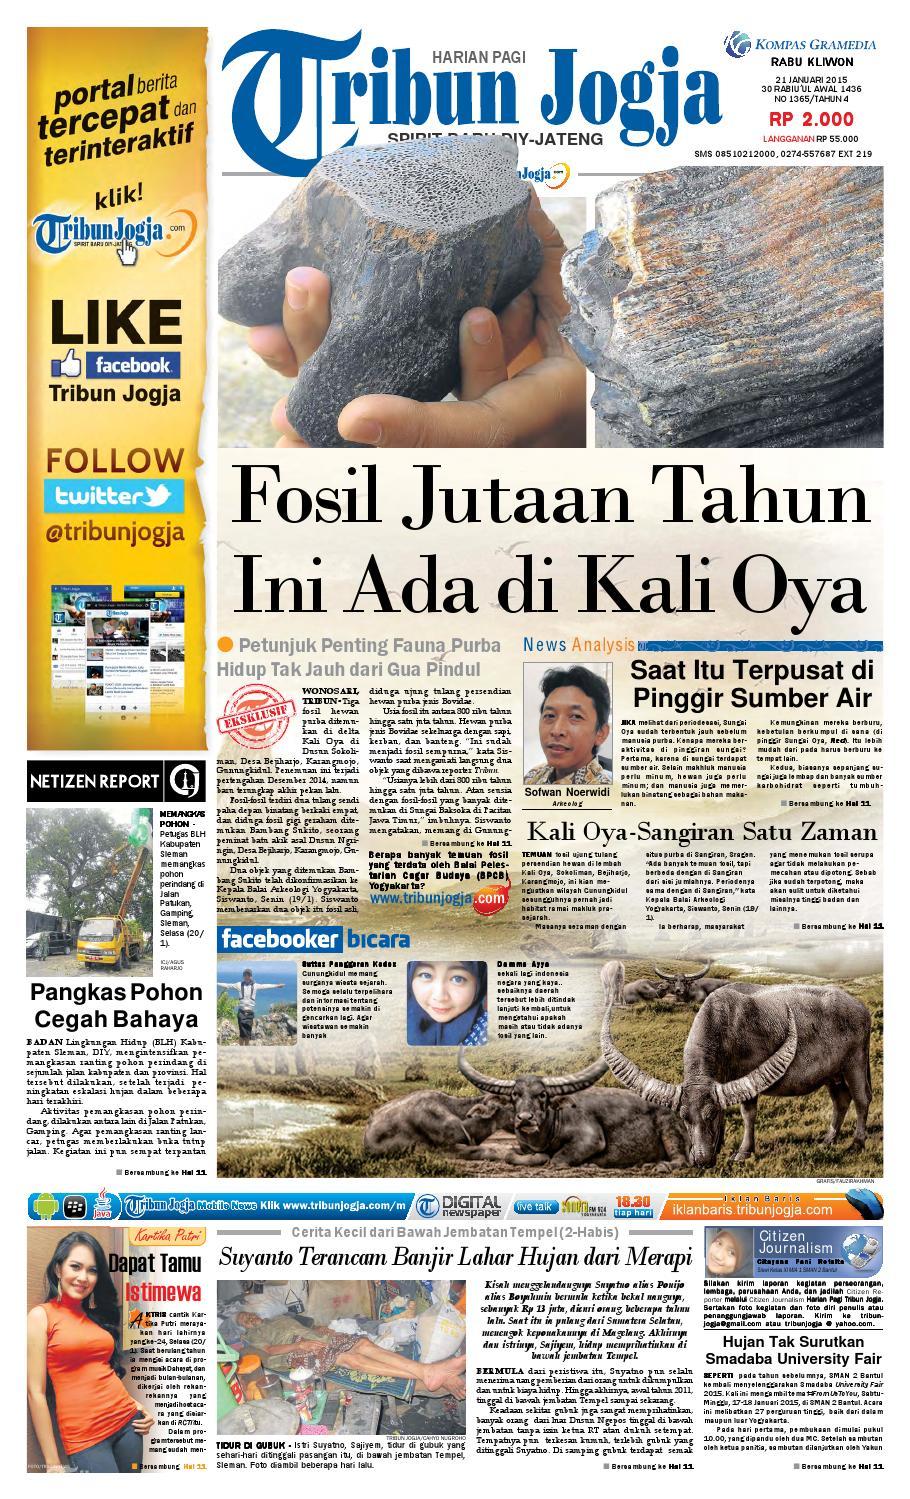 Tribunjogja 21 01 2015 By Tribun Jogja Issuu Fcenter Meja Rias Siantano Mr 905 Jawa Tengahdiyjawa Timur